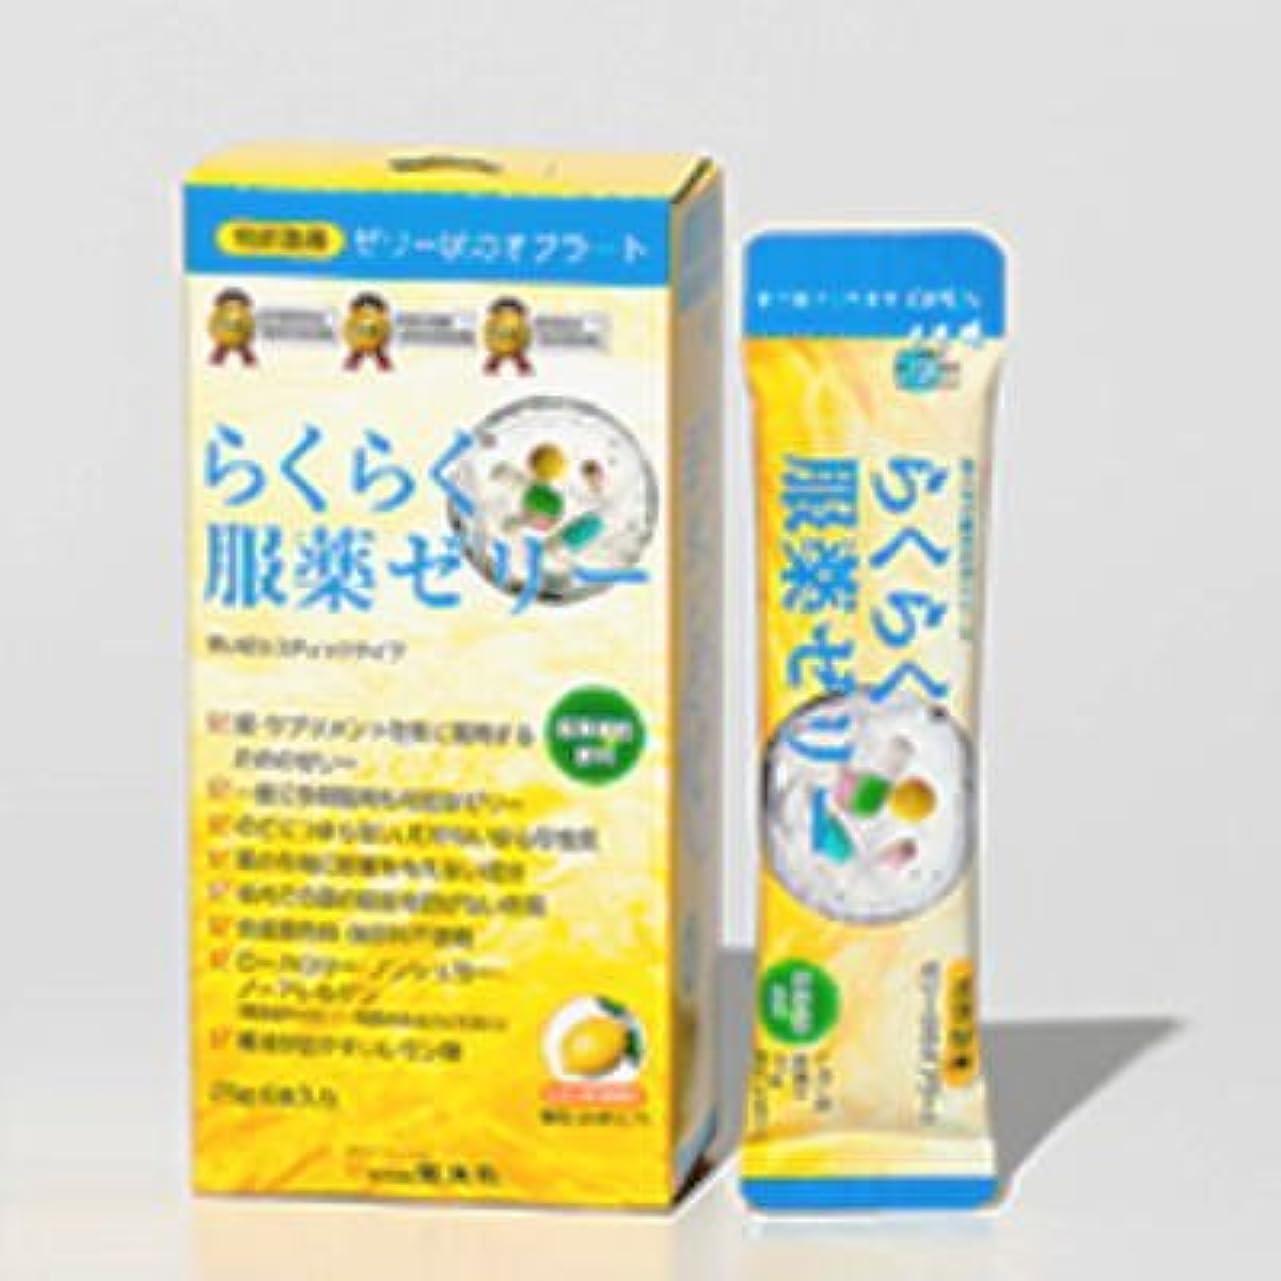 繁栄するマウス絶望龍角散 らくらく服薬ゼリースティックタイプ レモン味(25g×6本)3箱セット